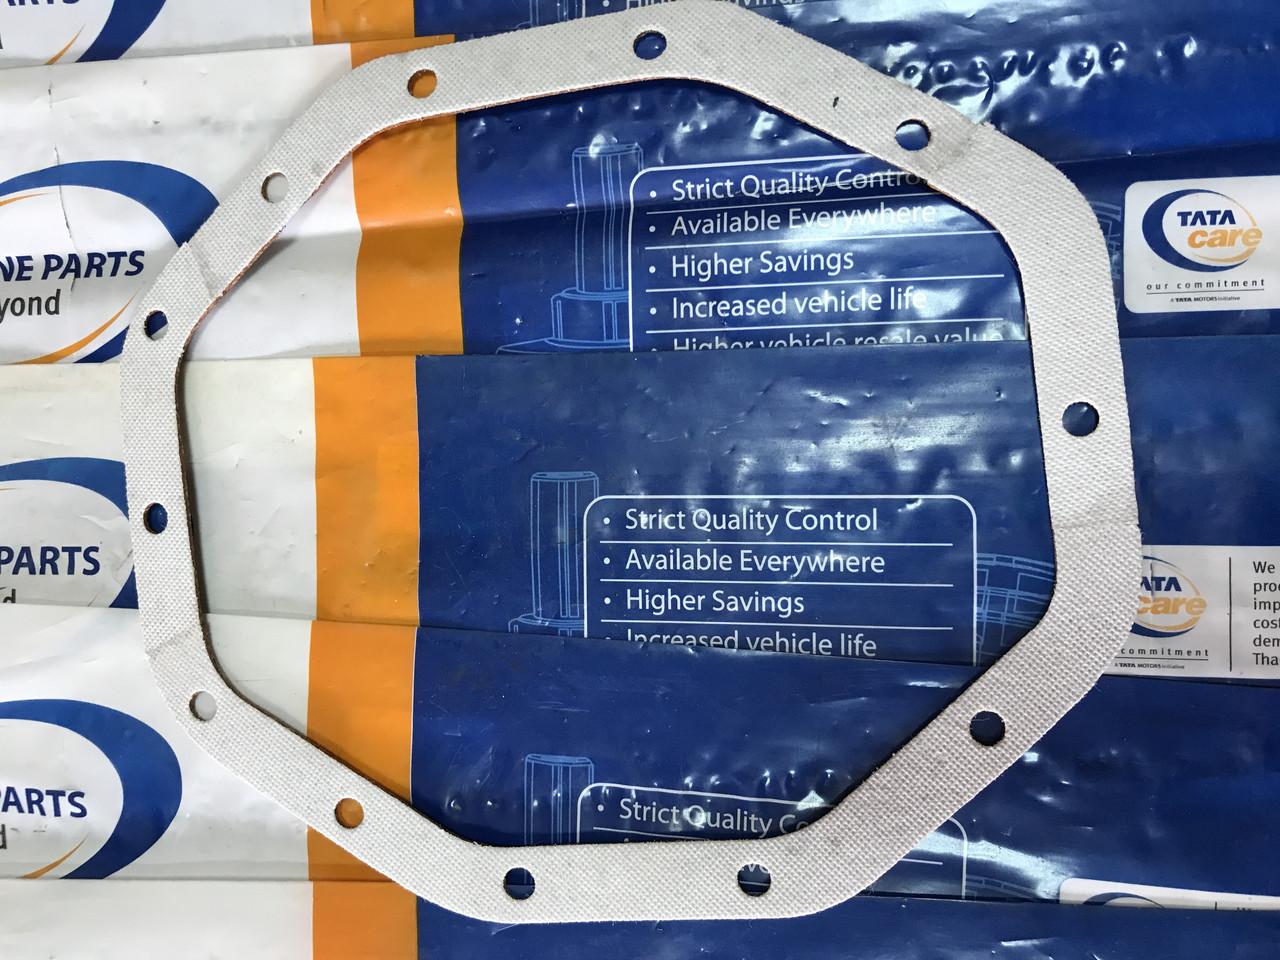 Прокладка крышки заднего моста на ТАТА Эталон